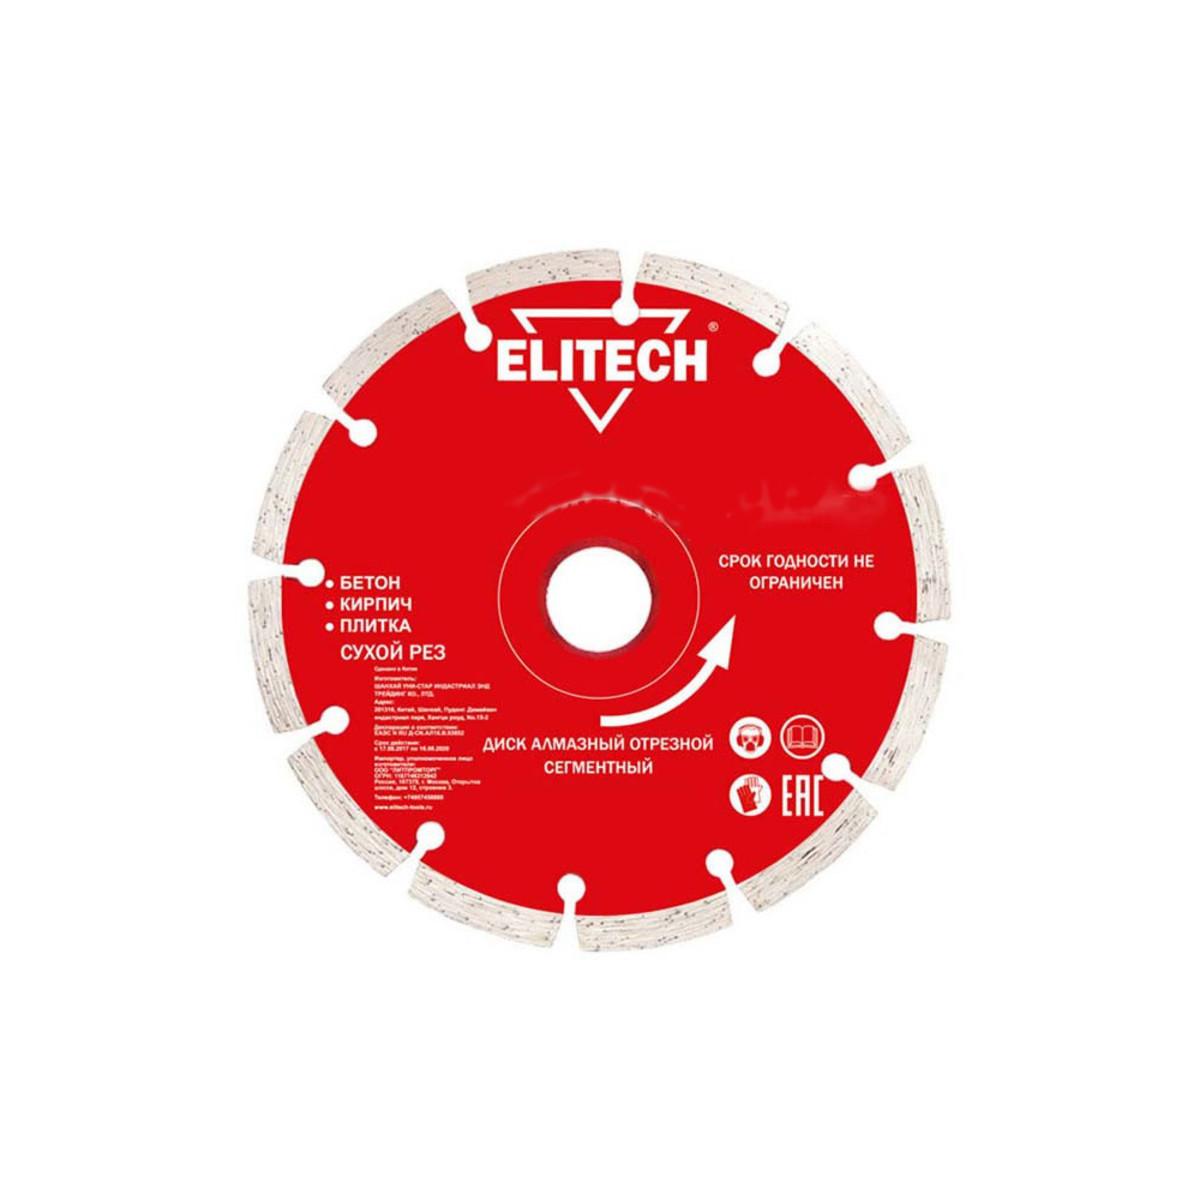 Диск Алмазный Elitech 230Х22Х24 18200582